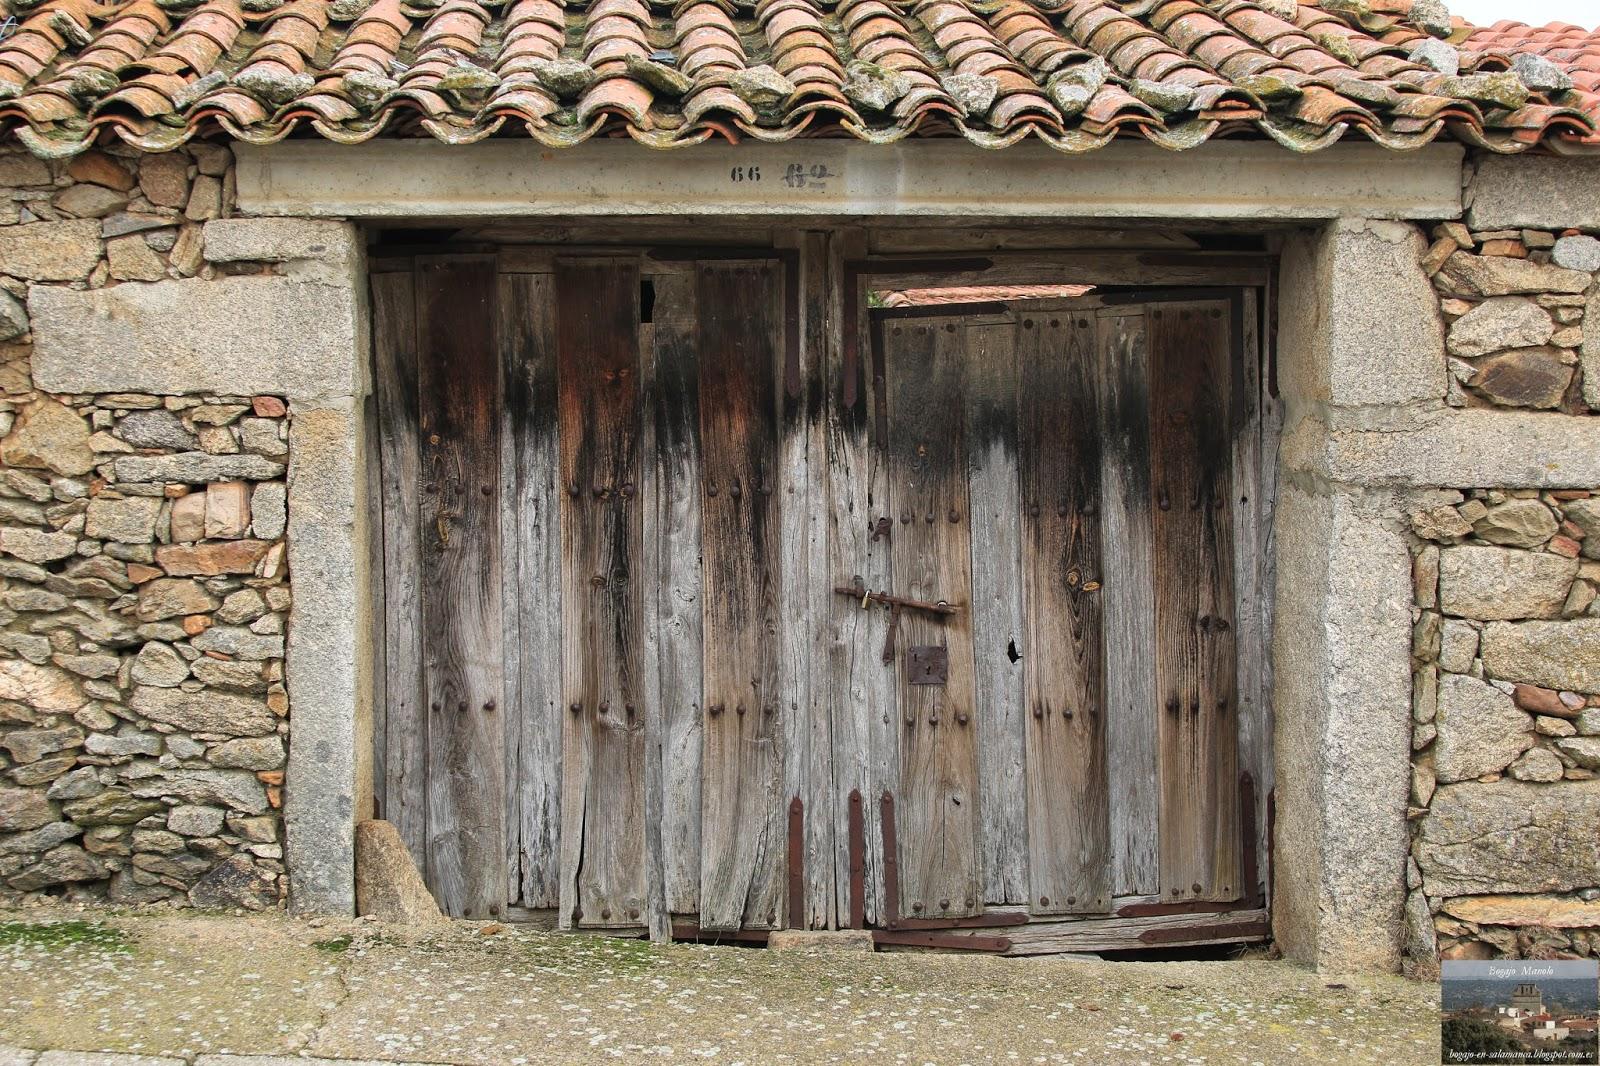 Bogajo salamanca puertas antiguas de doble hoja de madera - Puertas madera antiguas ...